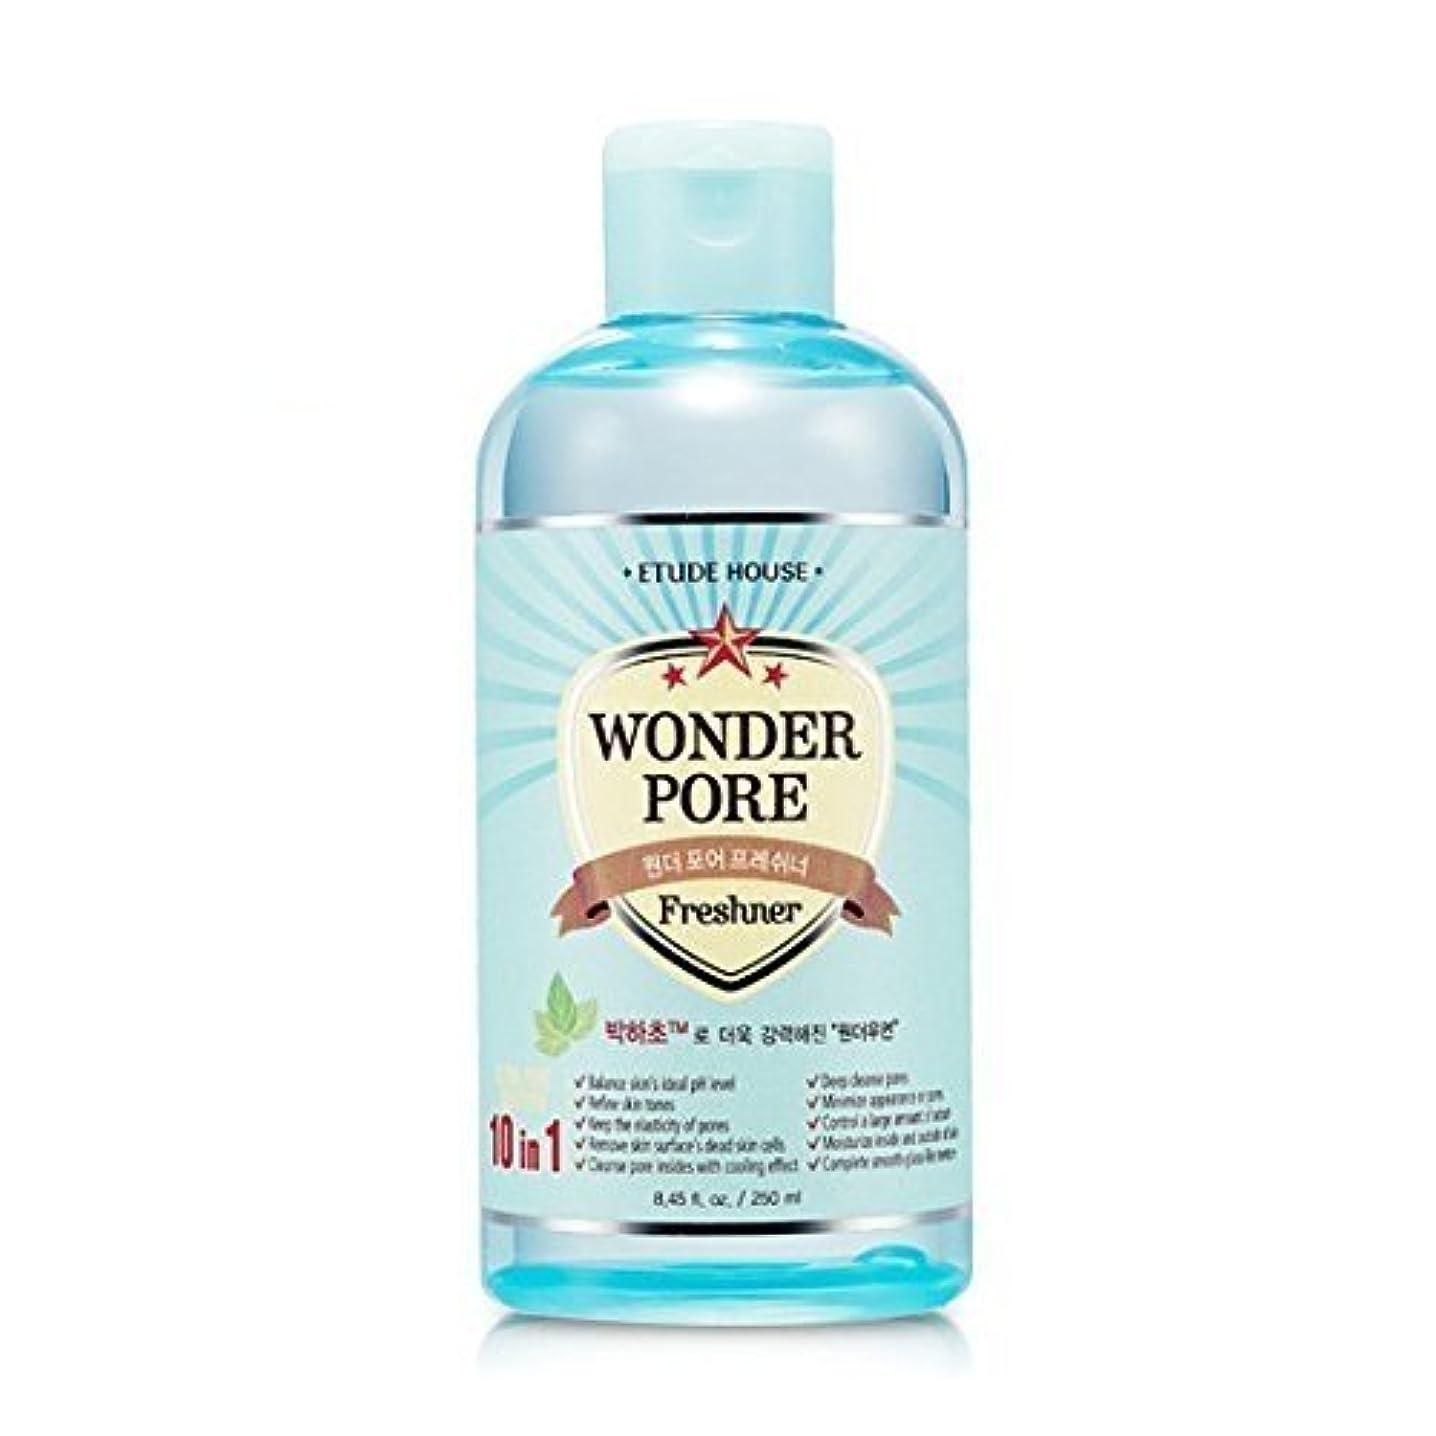 おしゃれなせせらぎアジア人エチュードハウス ワンダー?ポア?フレッシュナー 化粧水 (500ml) / ETUDE HOUSE Wonder Pore Freshner [並行輸入品]